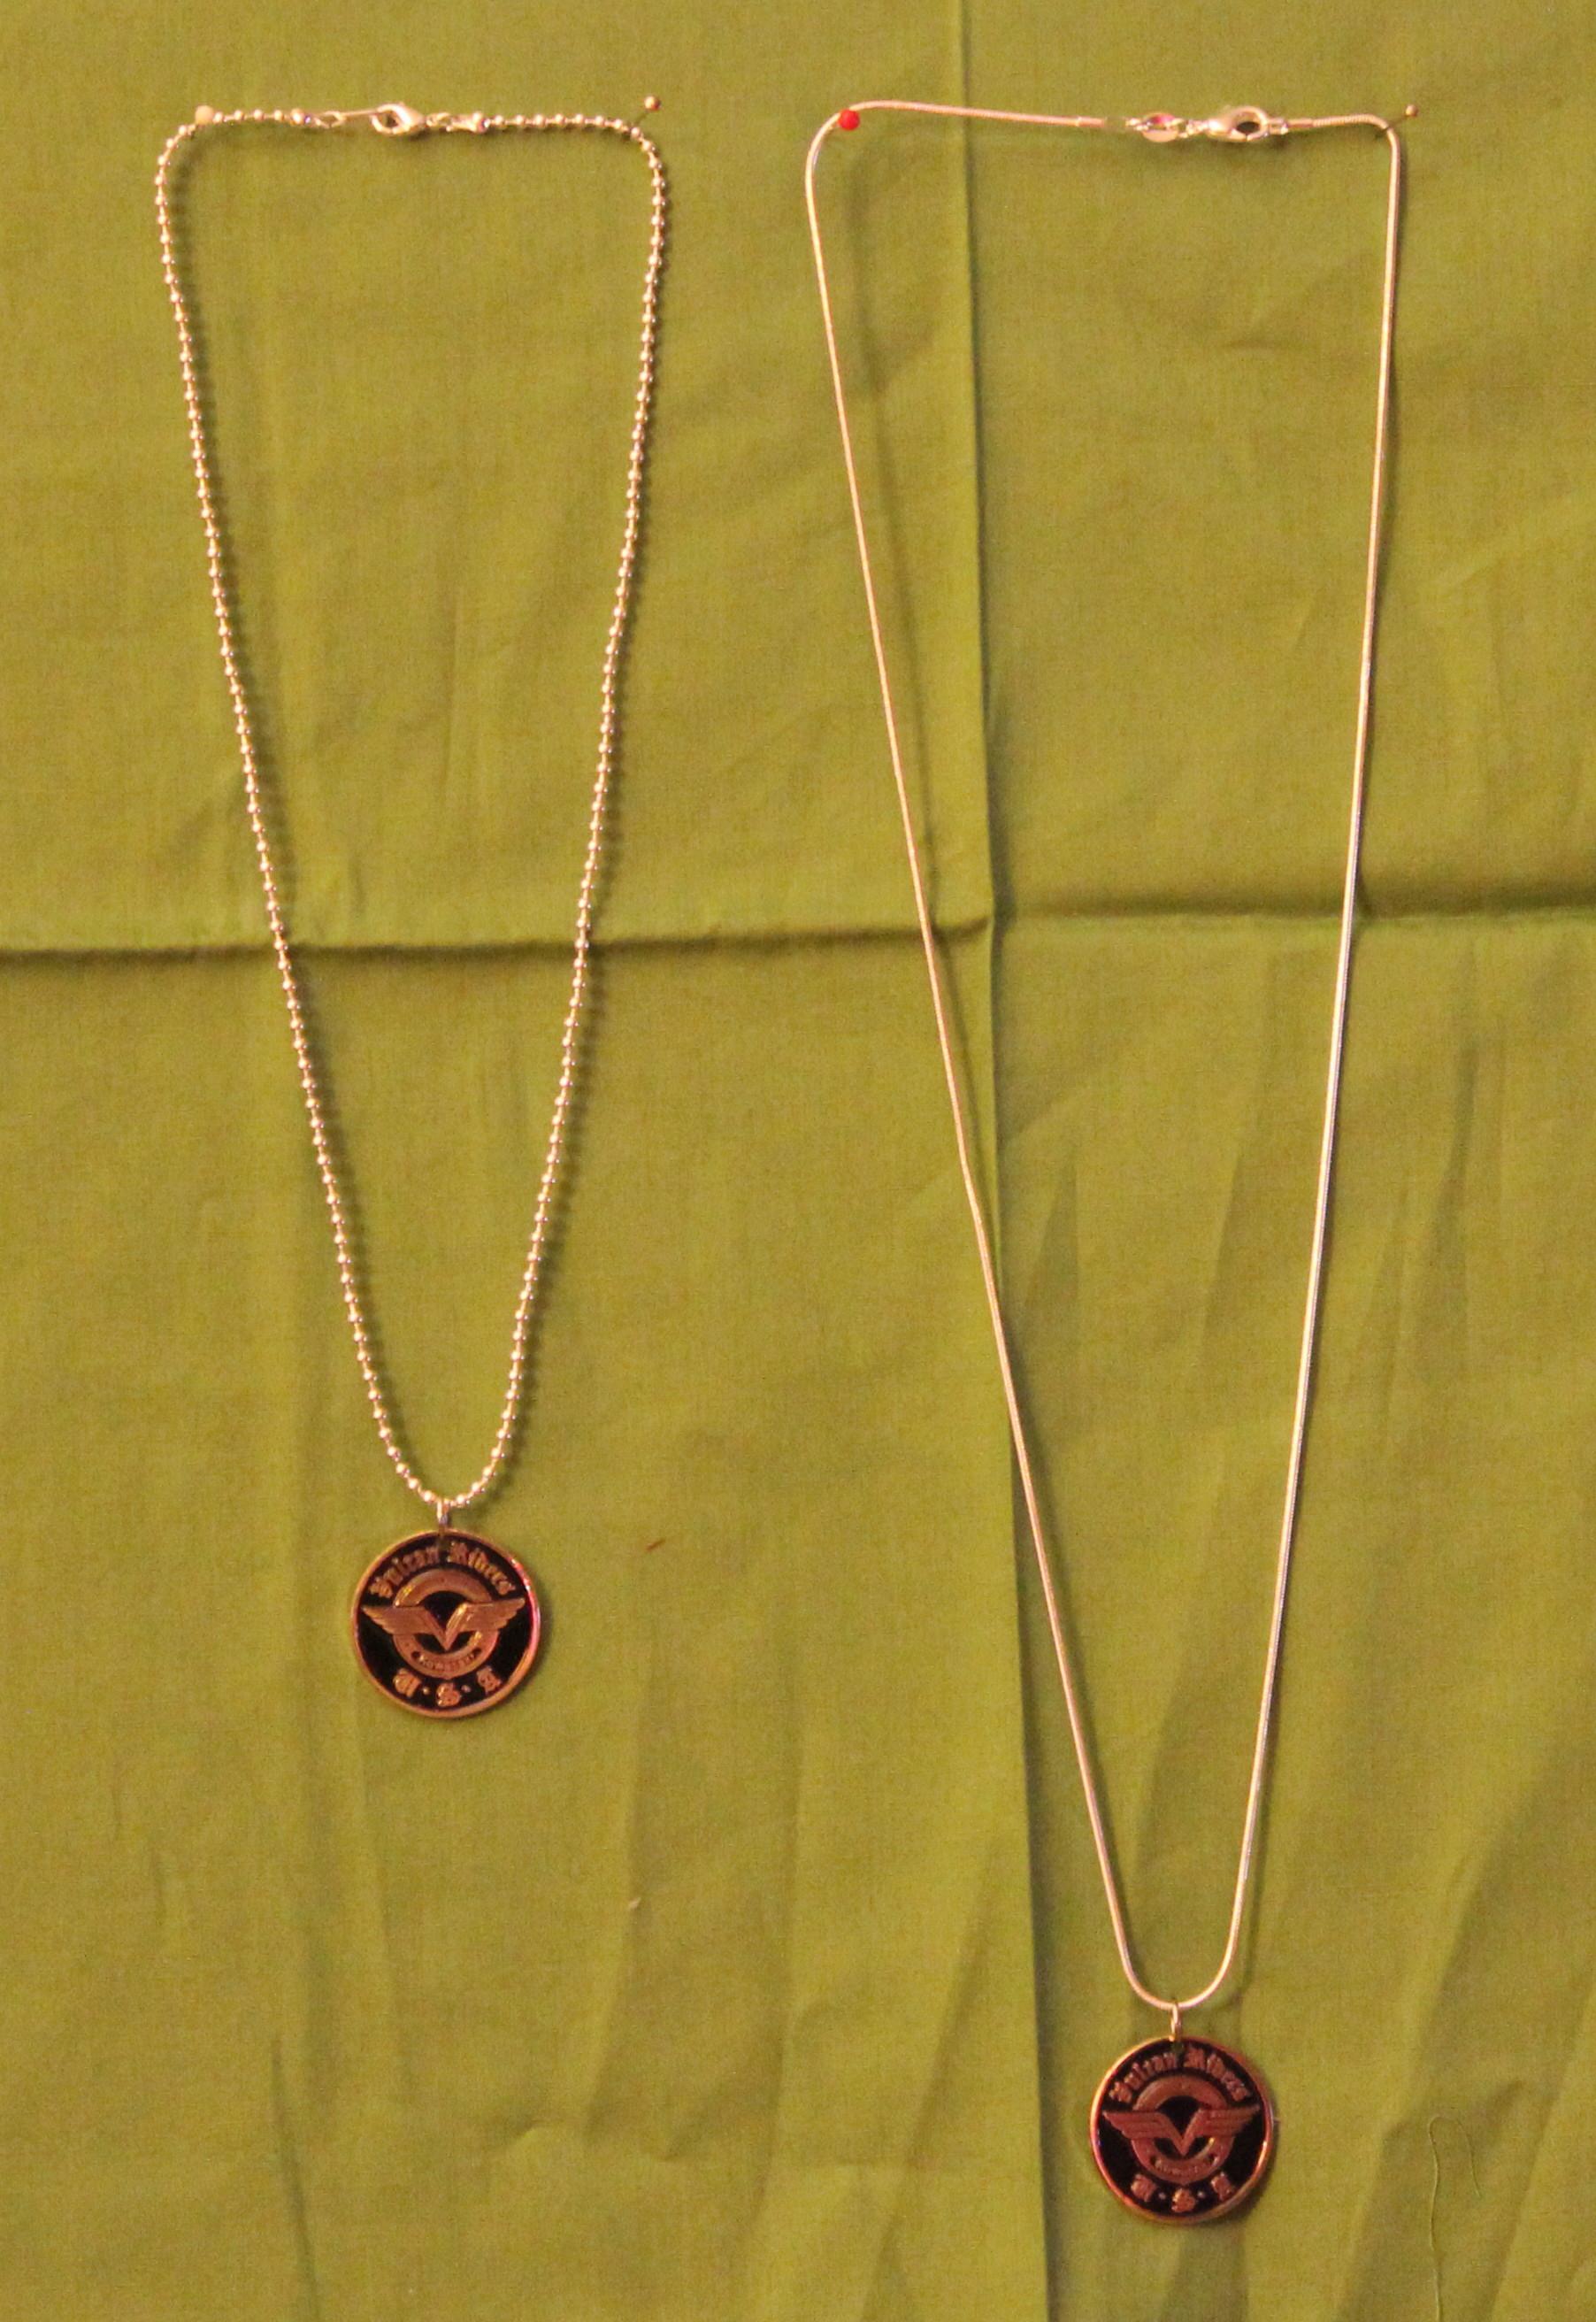 VRA Necklaces